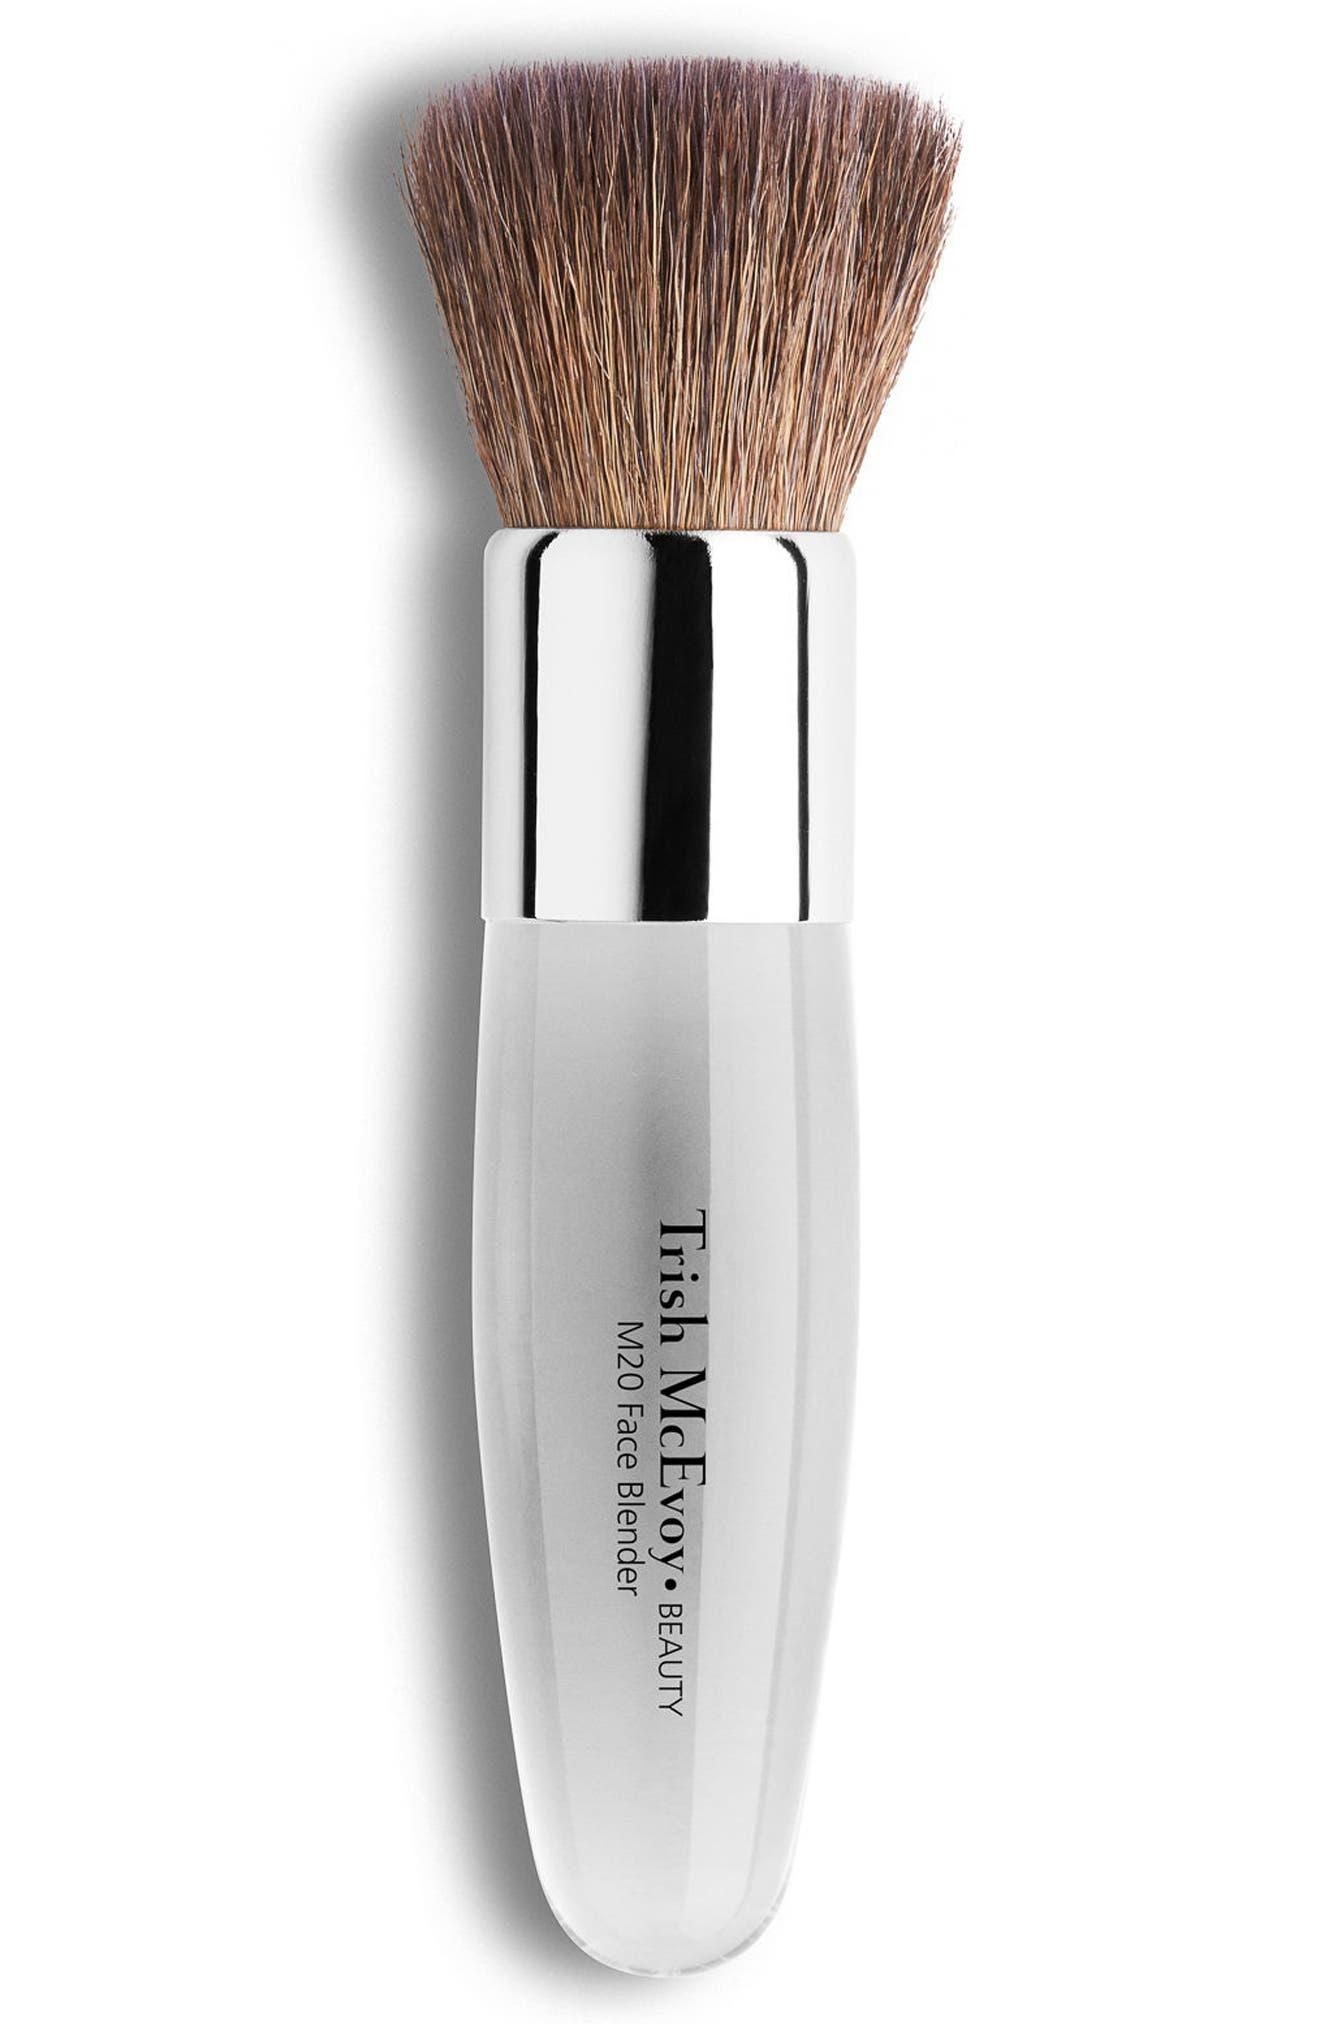 Alternate Image 1 Selected - Trish McEvoy #M20 Face Blender Brush